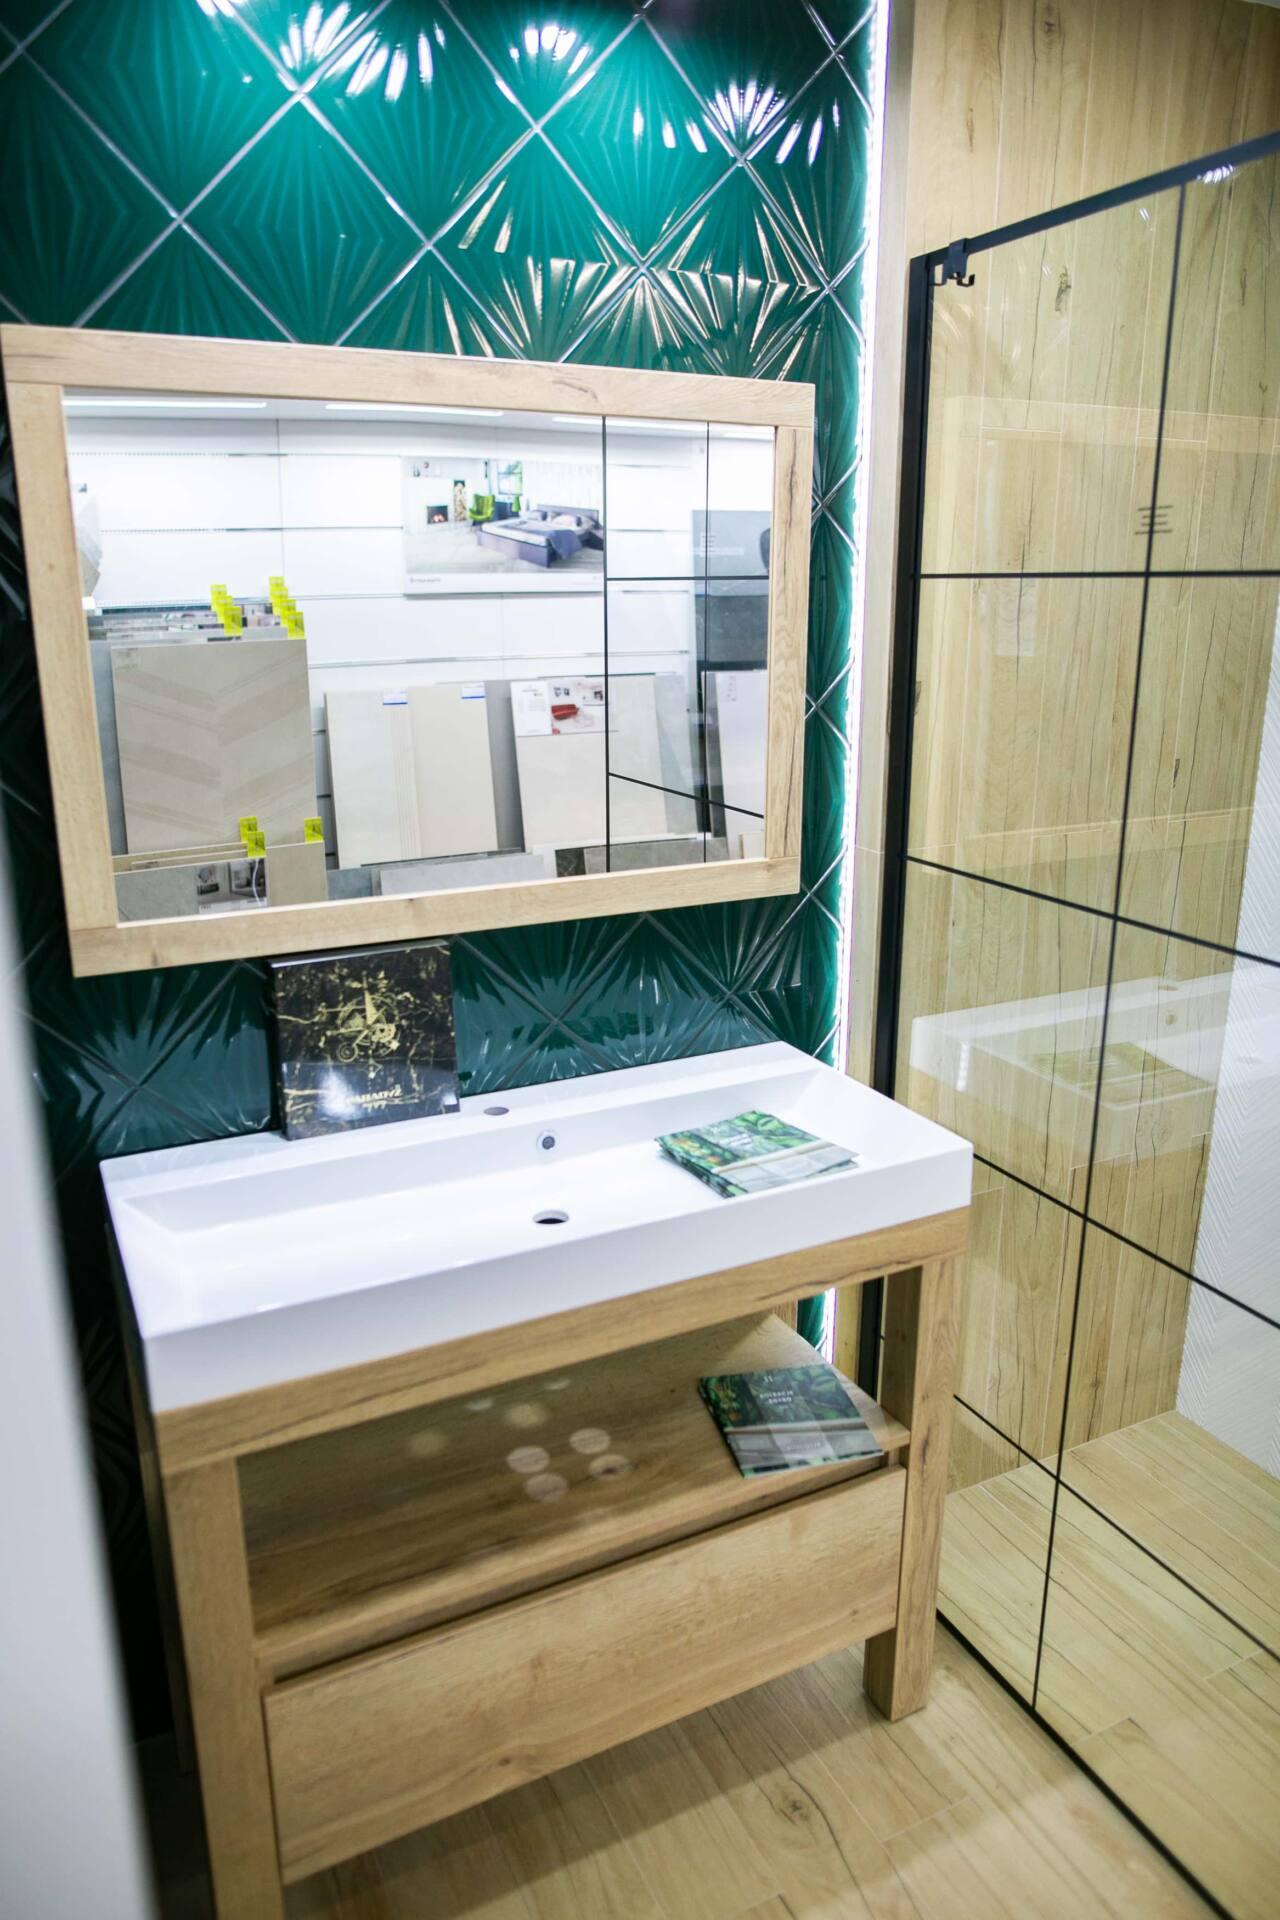 5db 5600 Nowy salon łazienek BLU w Zamościu już otwarty! Publikujemy 80 zdjęć